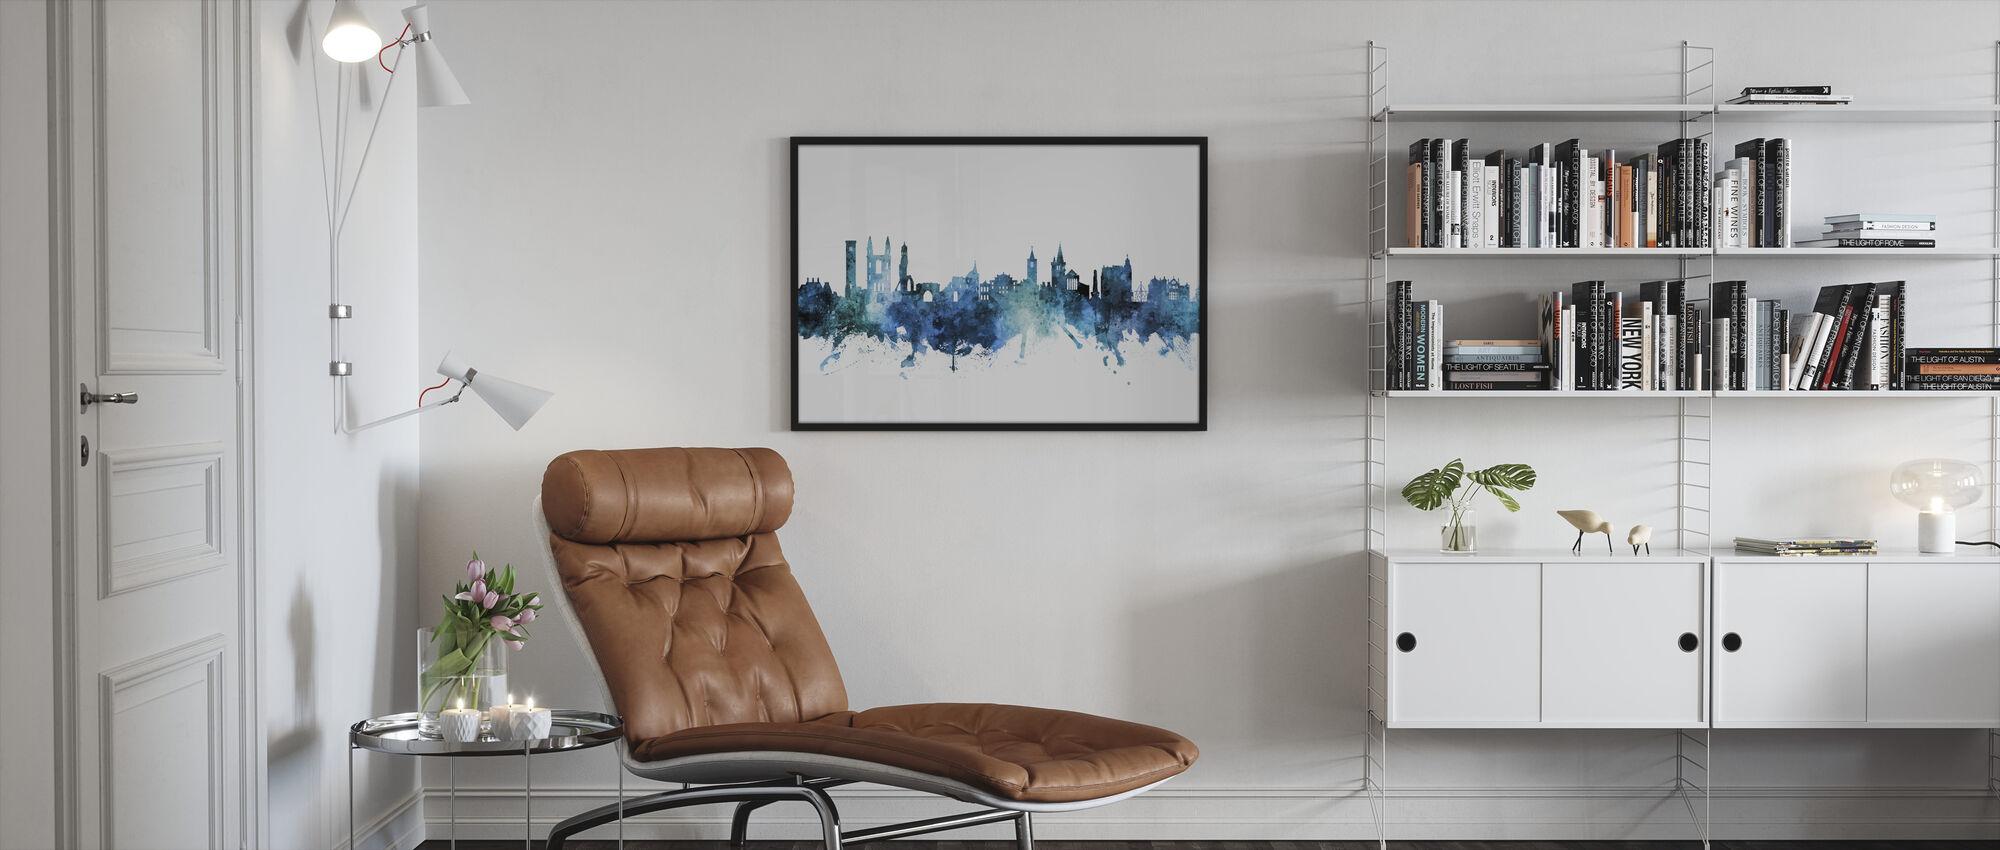 St Andrews Scotland Skyline - Framed print - Living Room